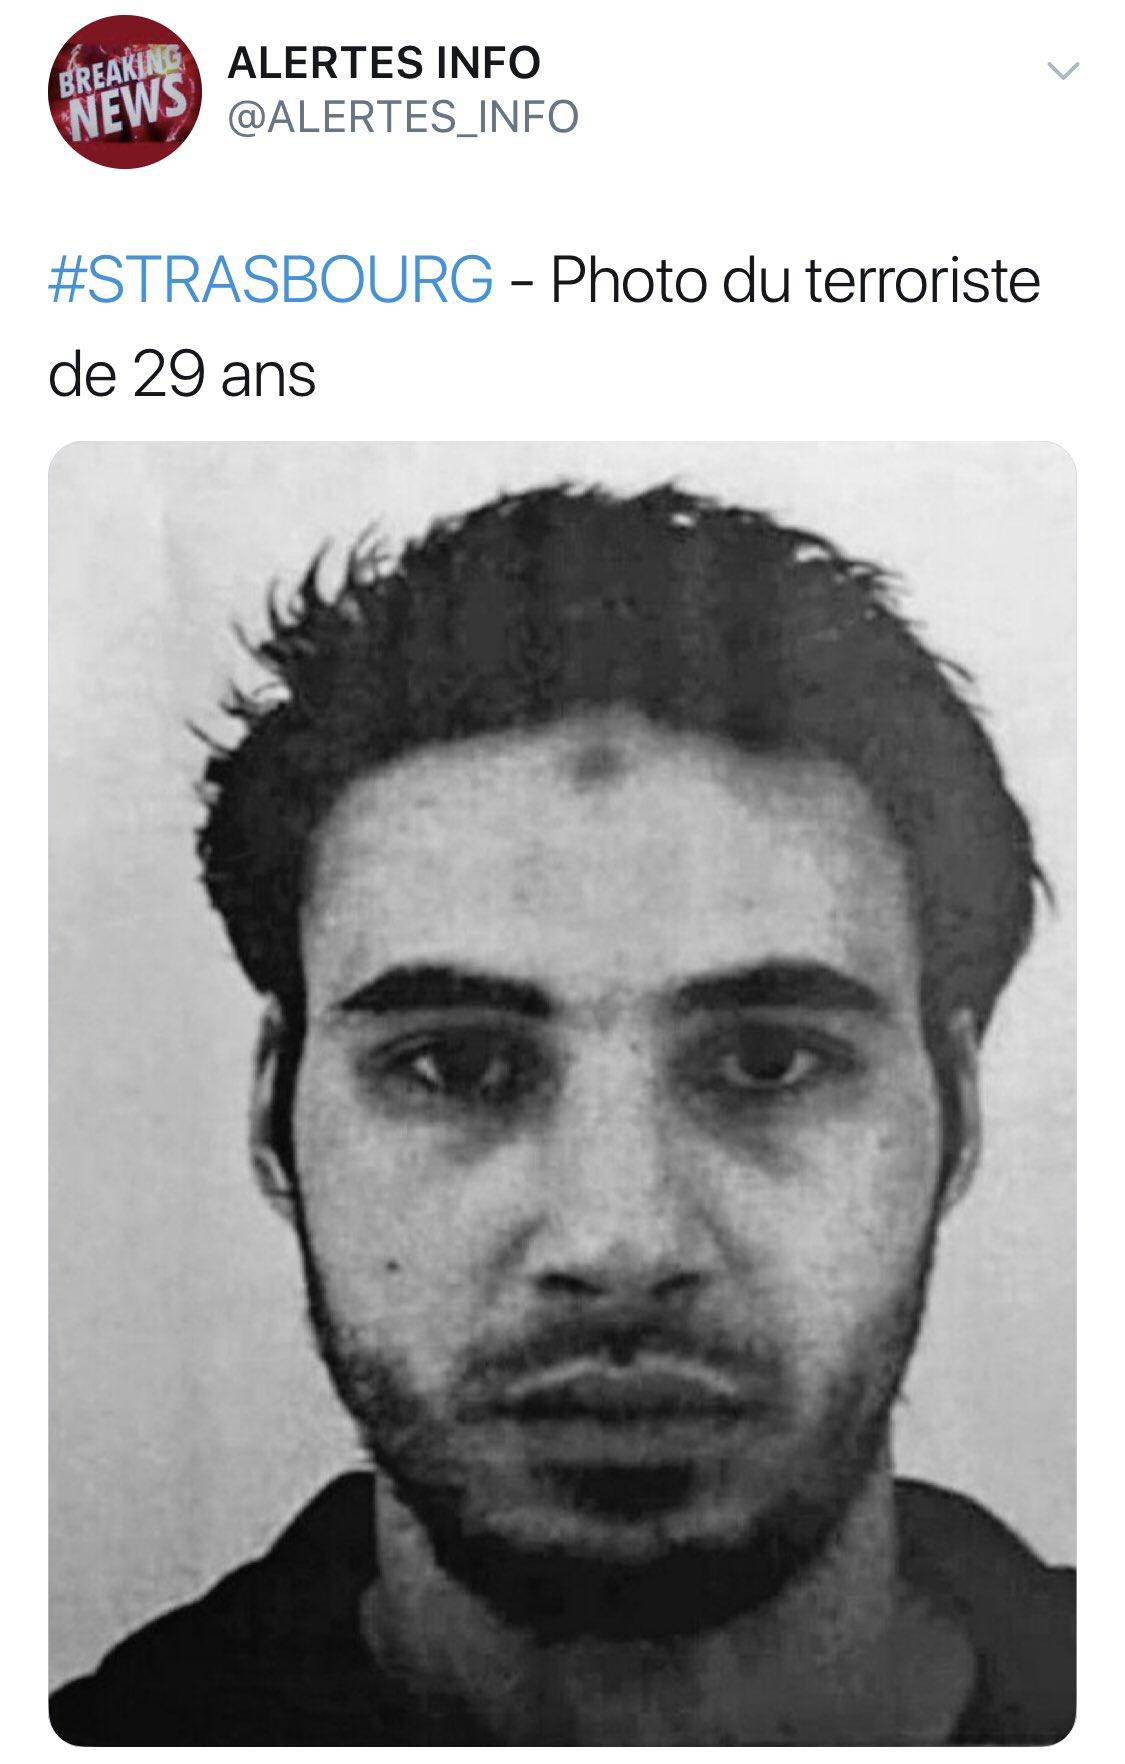 Francja: Zamachowiec ze Strasburga przysięgał wierność ISIS